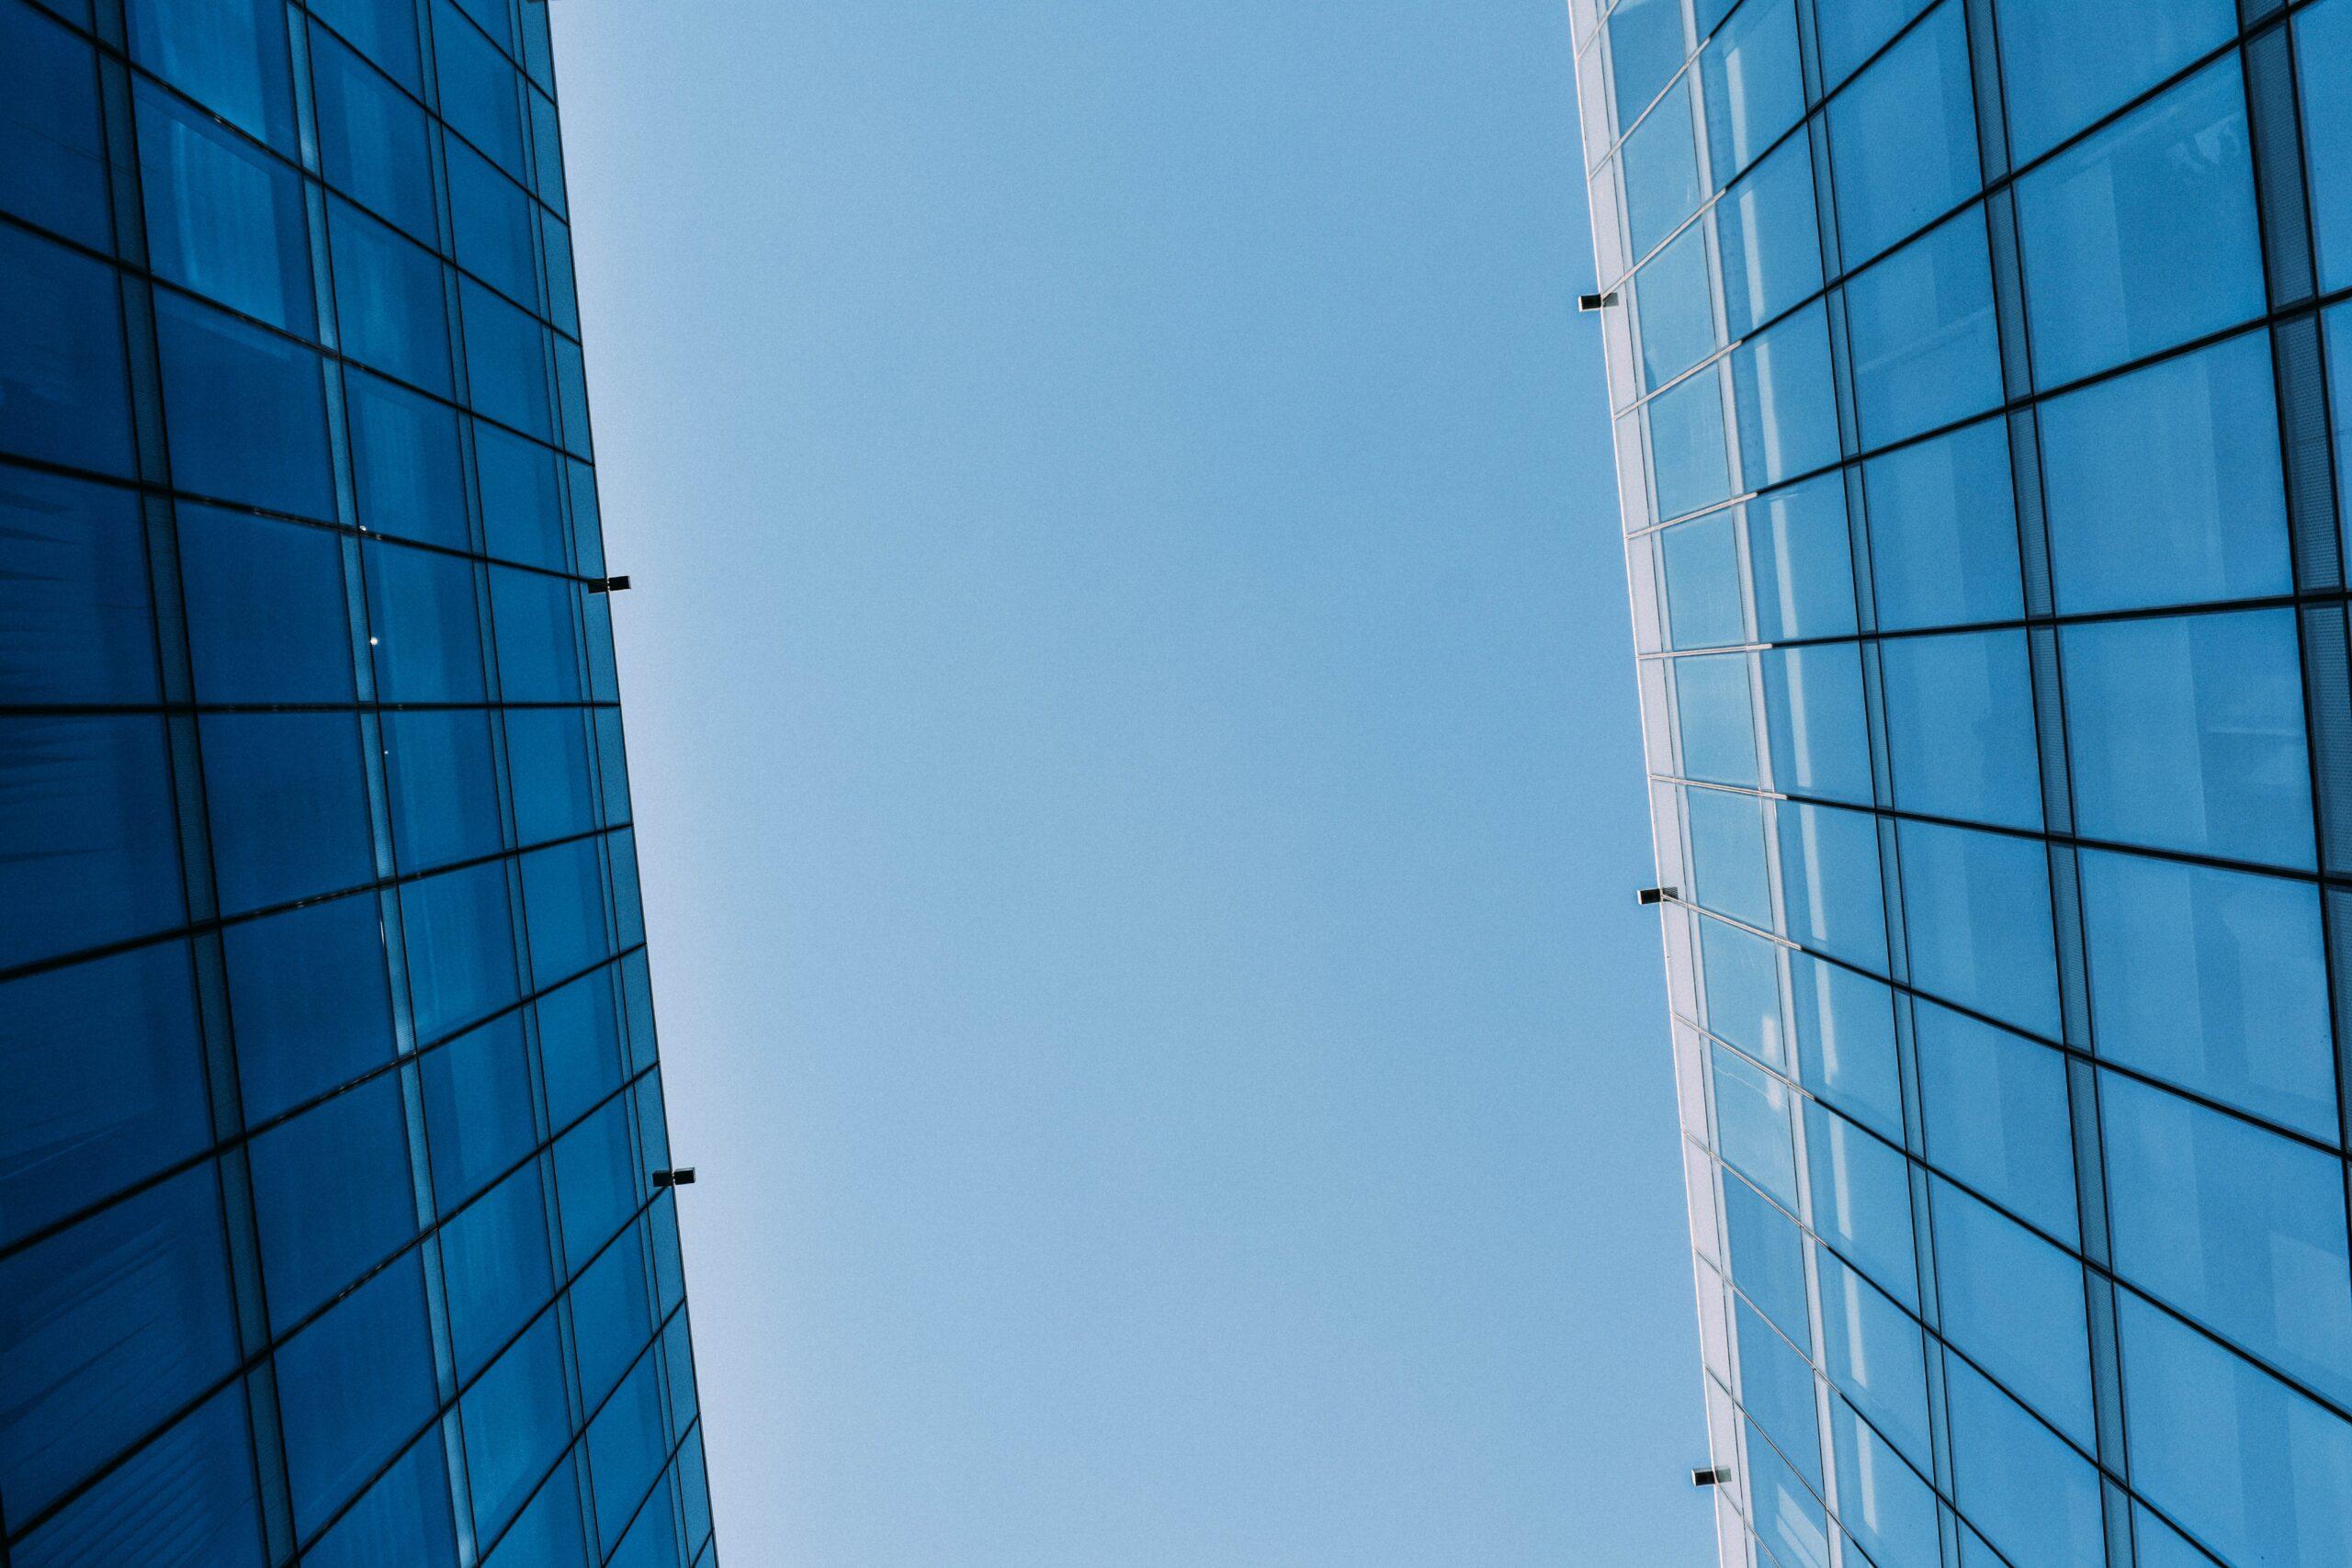 Blog: Veranderende rol bedrijven: ruim baan voor het Rijnlands model